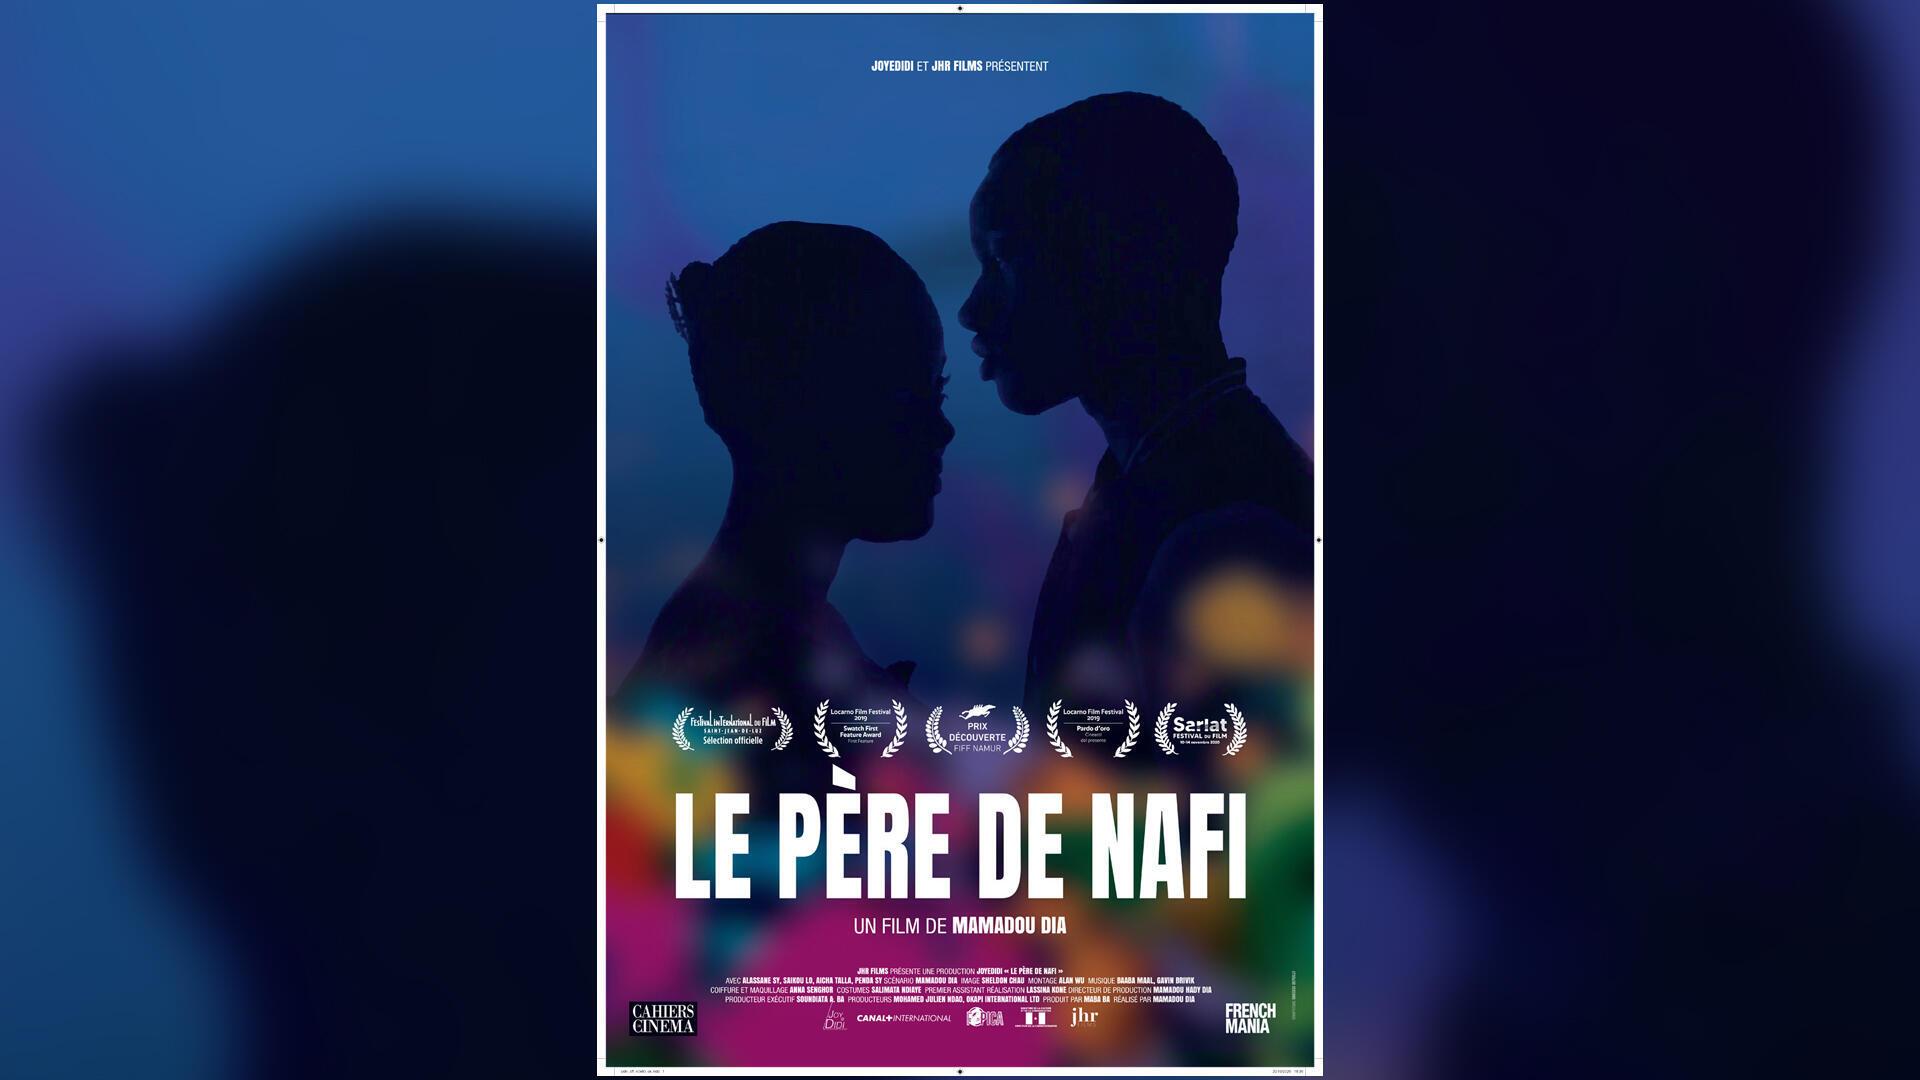 Cinéma - Affiche Le père de Nafi - Mamadou Dia - Tous les cinémas du monde